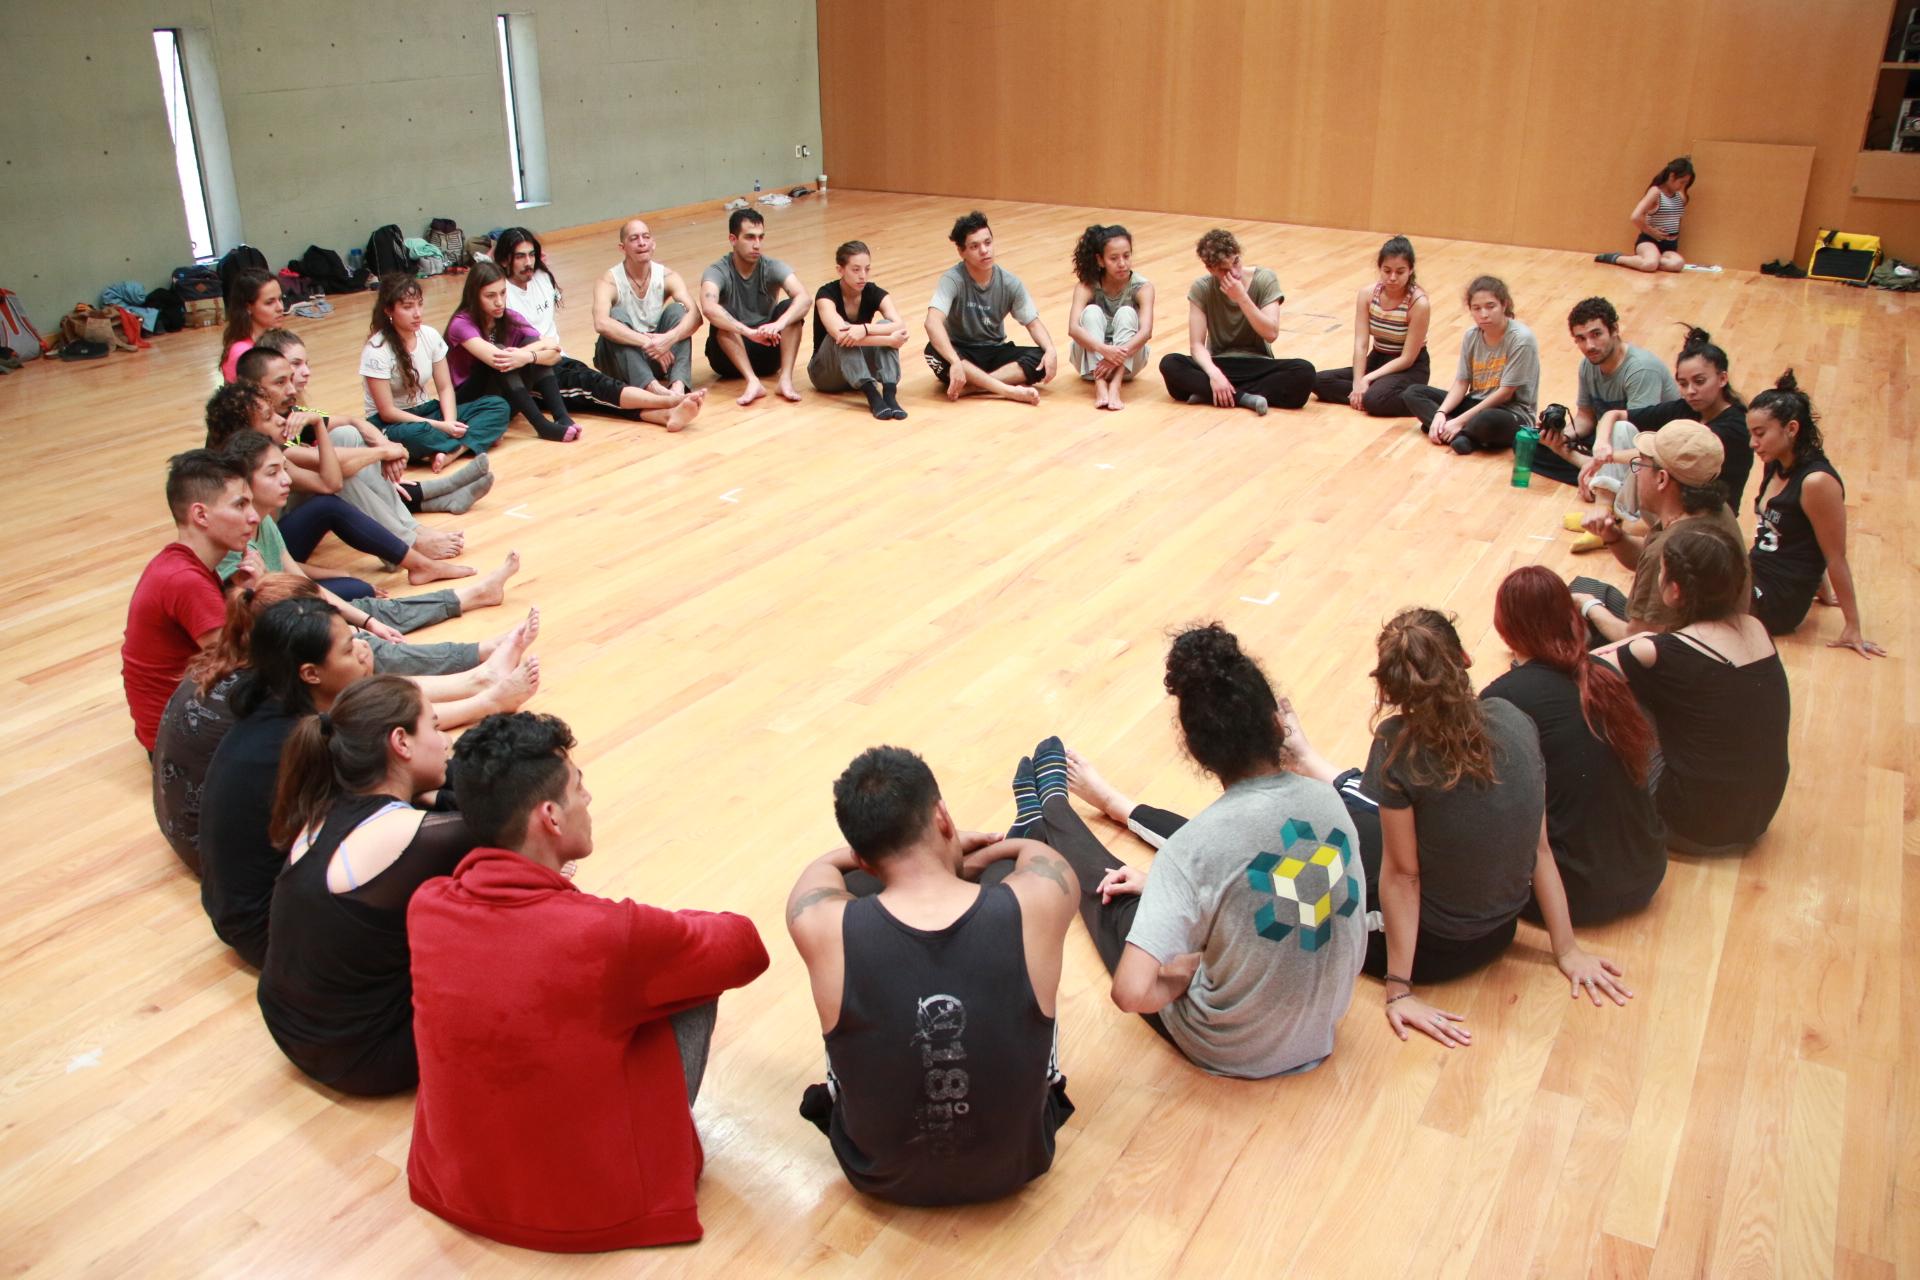 Cuerpo(s) y comunidad  CAMP_IN, Encuentro escénico en Danza UNAM